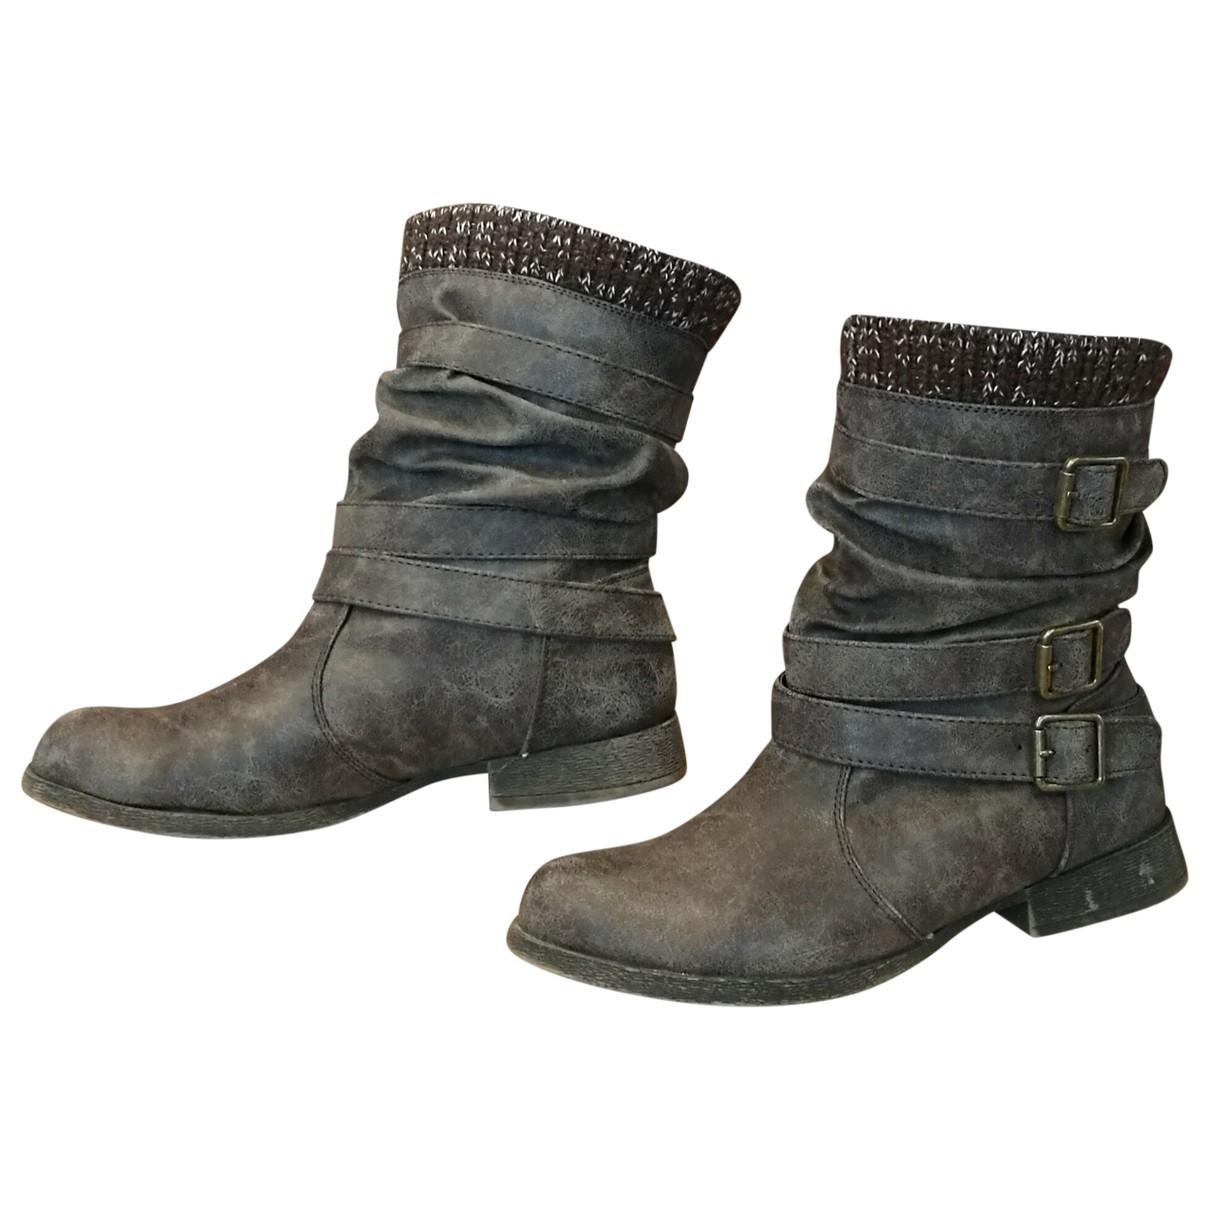 Zara - Boots   pour femme en a paillettes - anthracite